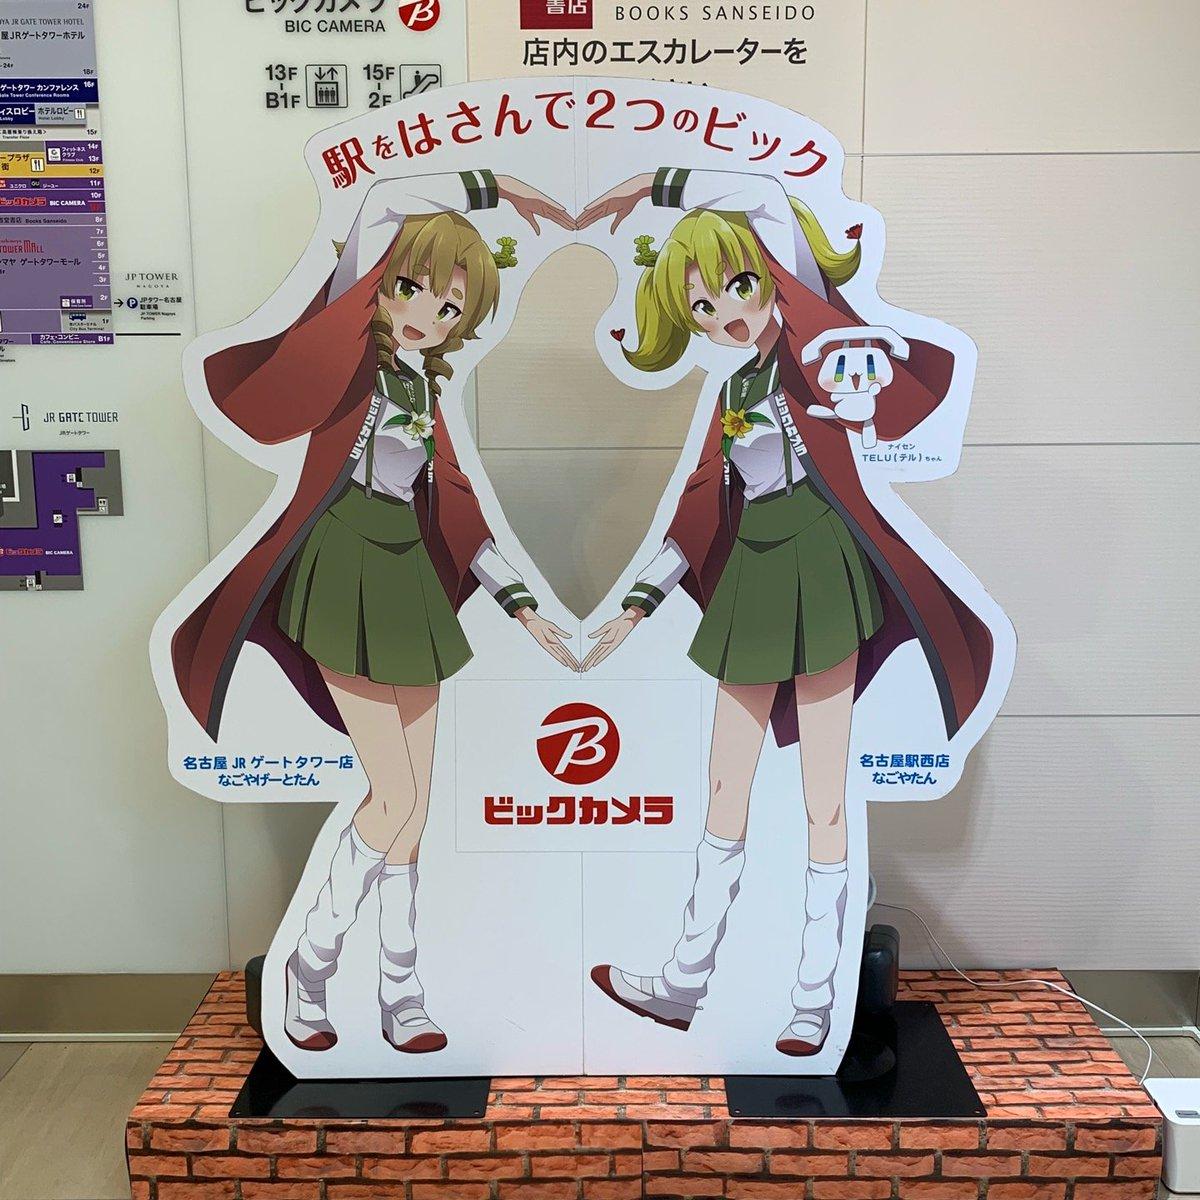 ビックカメラ 名古屋JRゲートタワー店 ビッカメ娘 駅をはさんで2つのビック